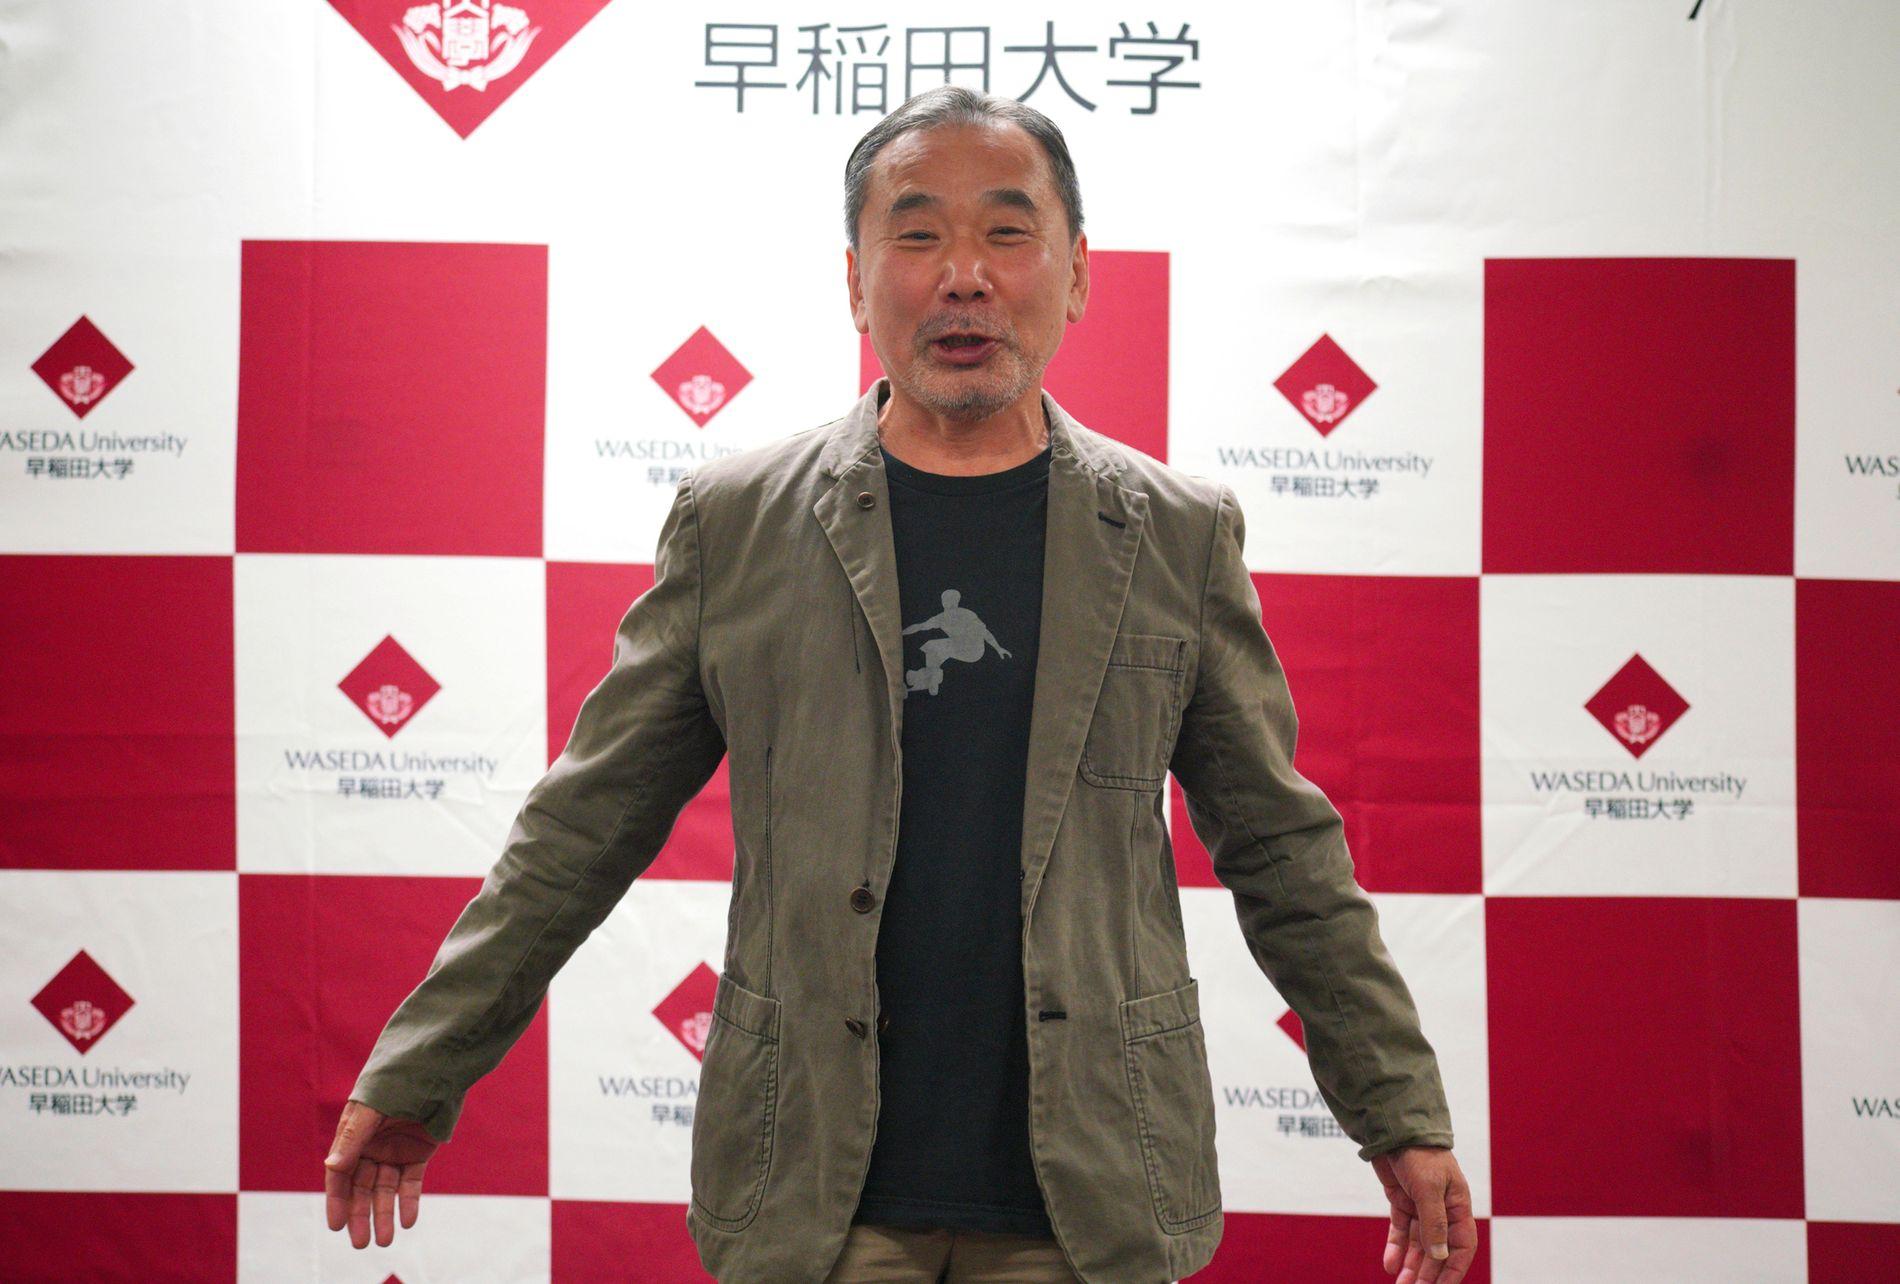 TA HAM PÅ STYRTEN: Det skriver VGs anmelder om Haruki Murakamis (70) nye roman. Her er den japanske forfatteren som er oversatt til over 50 språk fotografert på en pressekonferanse i Tokyo høsten 2018.